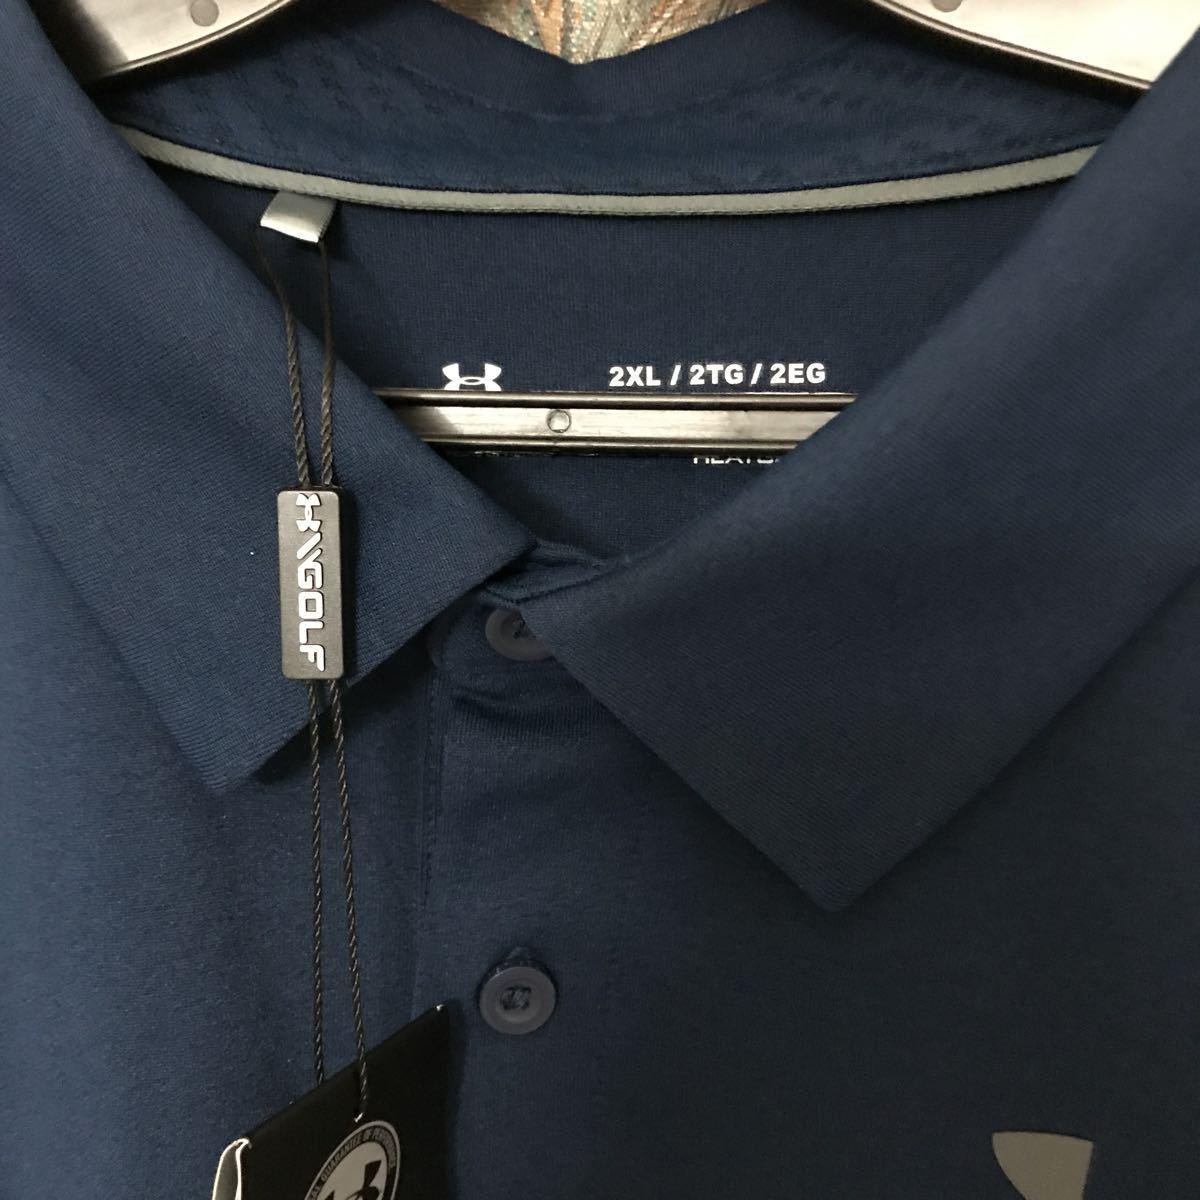 新品アンダーアーマー 半袖ポロシャツ XXLサイズ メンズ ゴルフ ビッグサイズ ビックサイズ 9900円→5500円